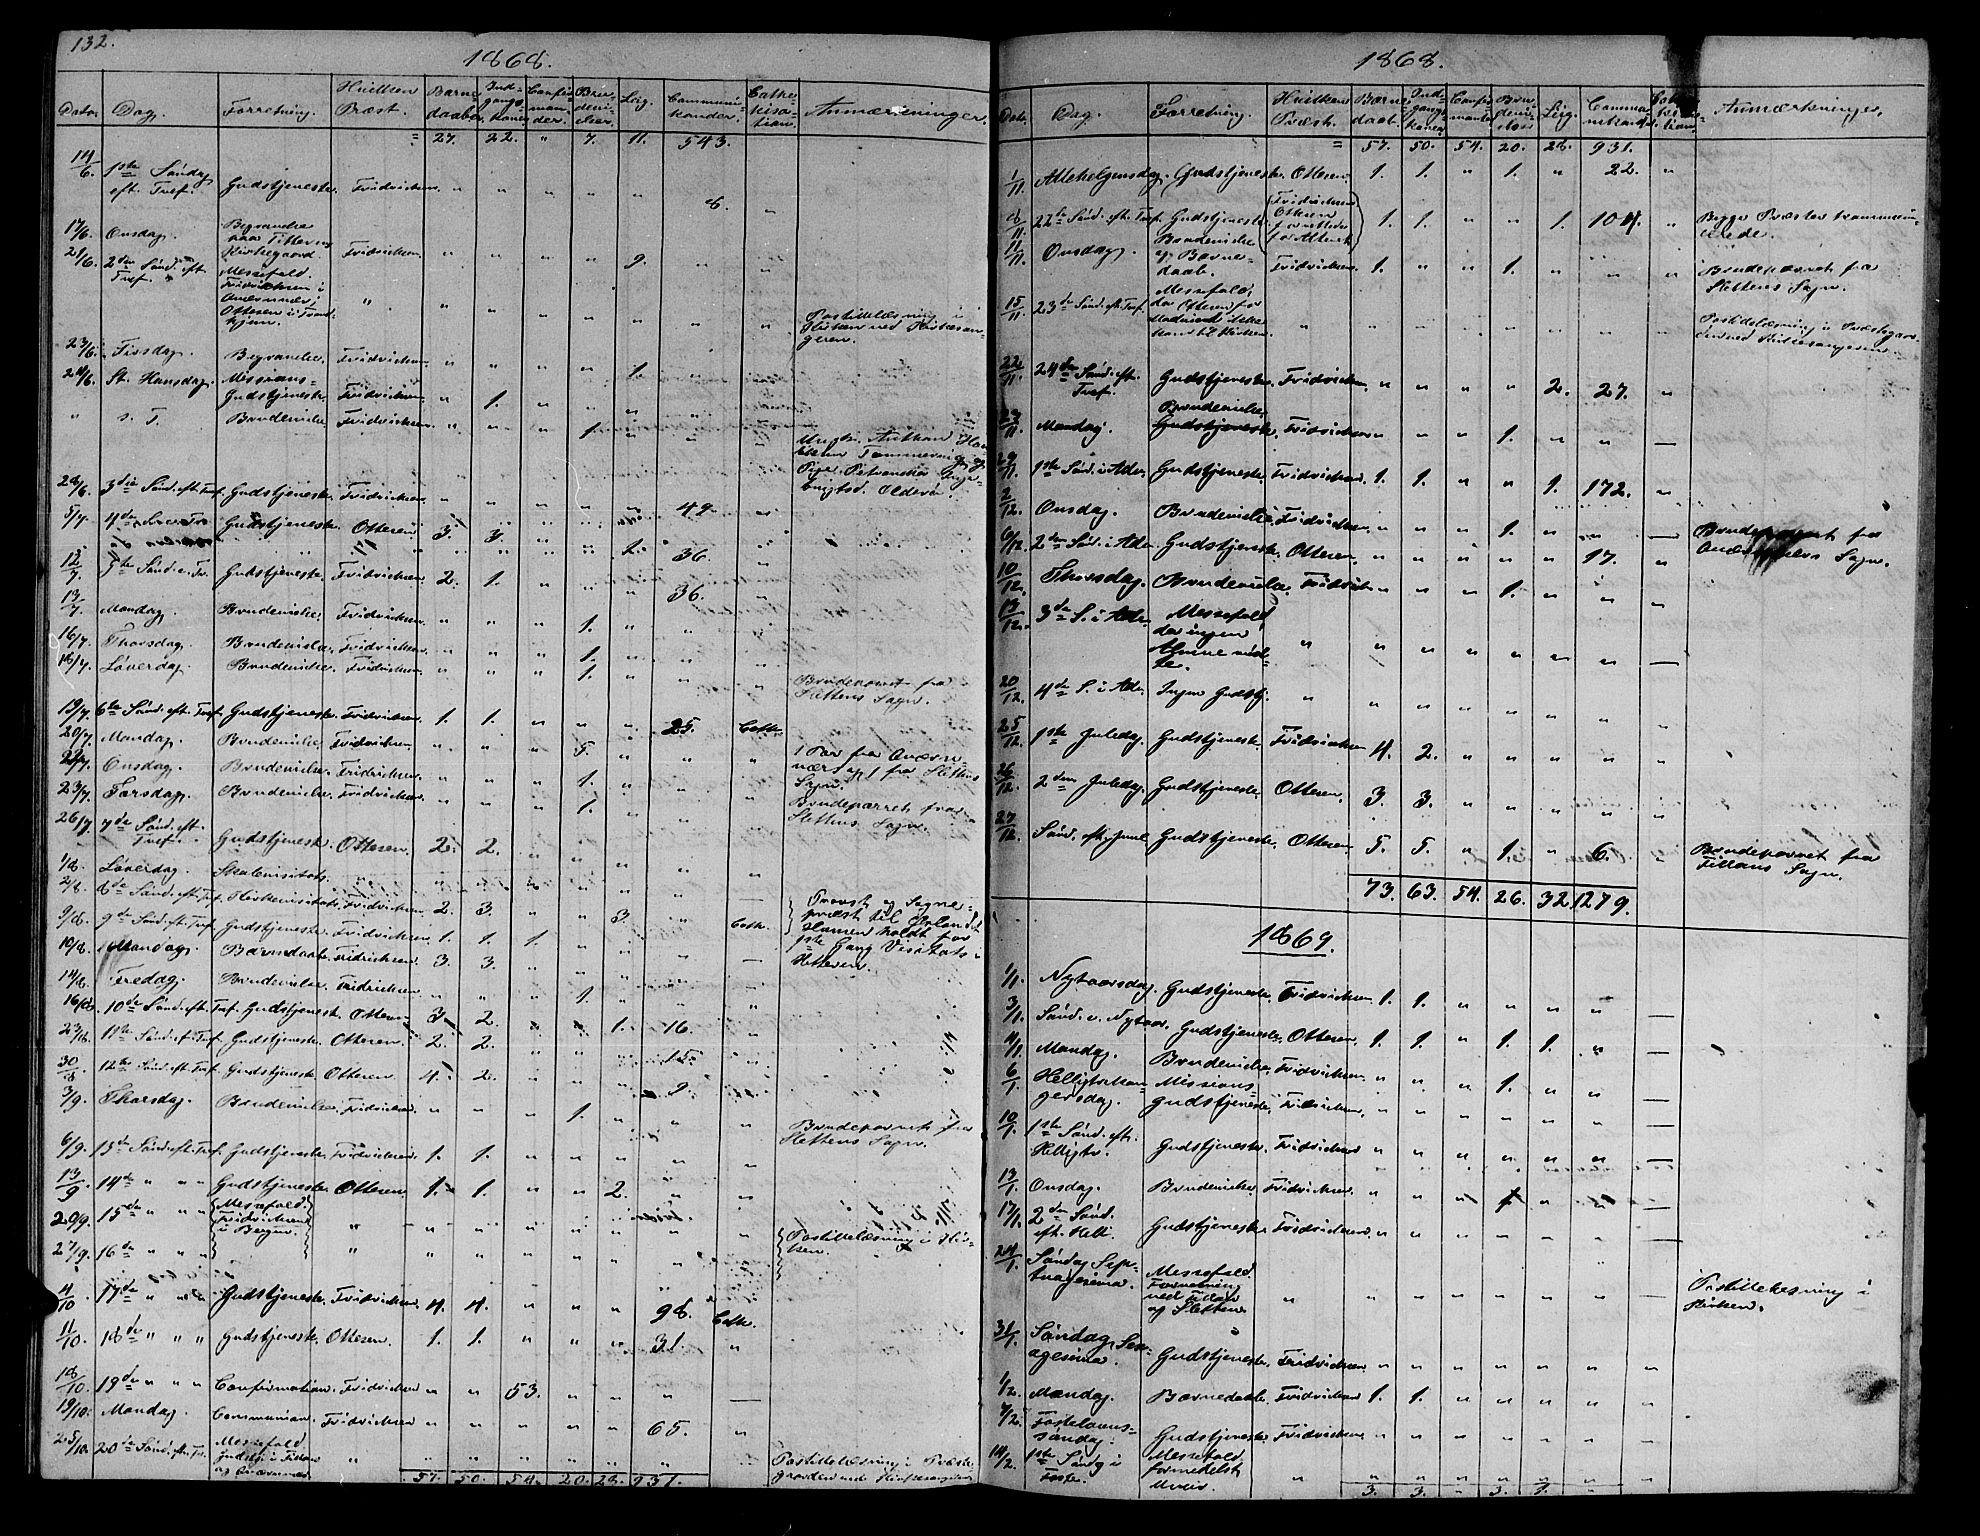 SAT, Ministerialprotokoller, klokkerbøker og fødselsregistre - Sør-Trøndelag, 634/L0539: Klokkerbok nr. 634C01, 1866-1873, s. 132